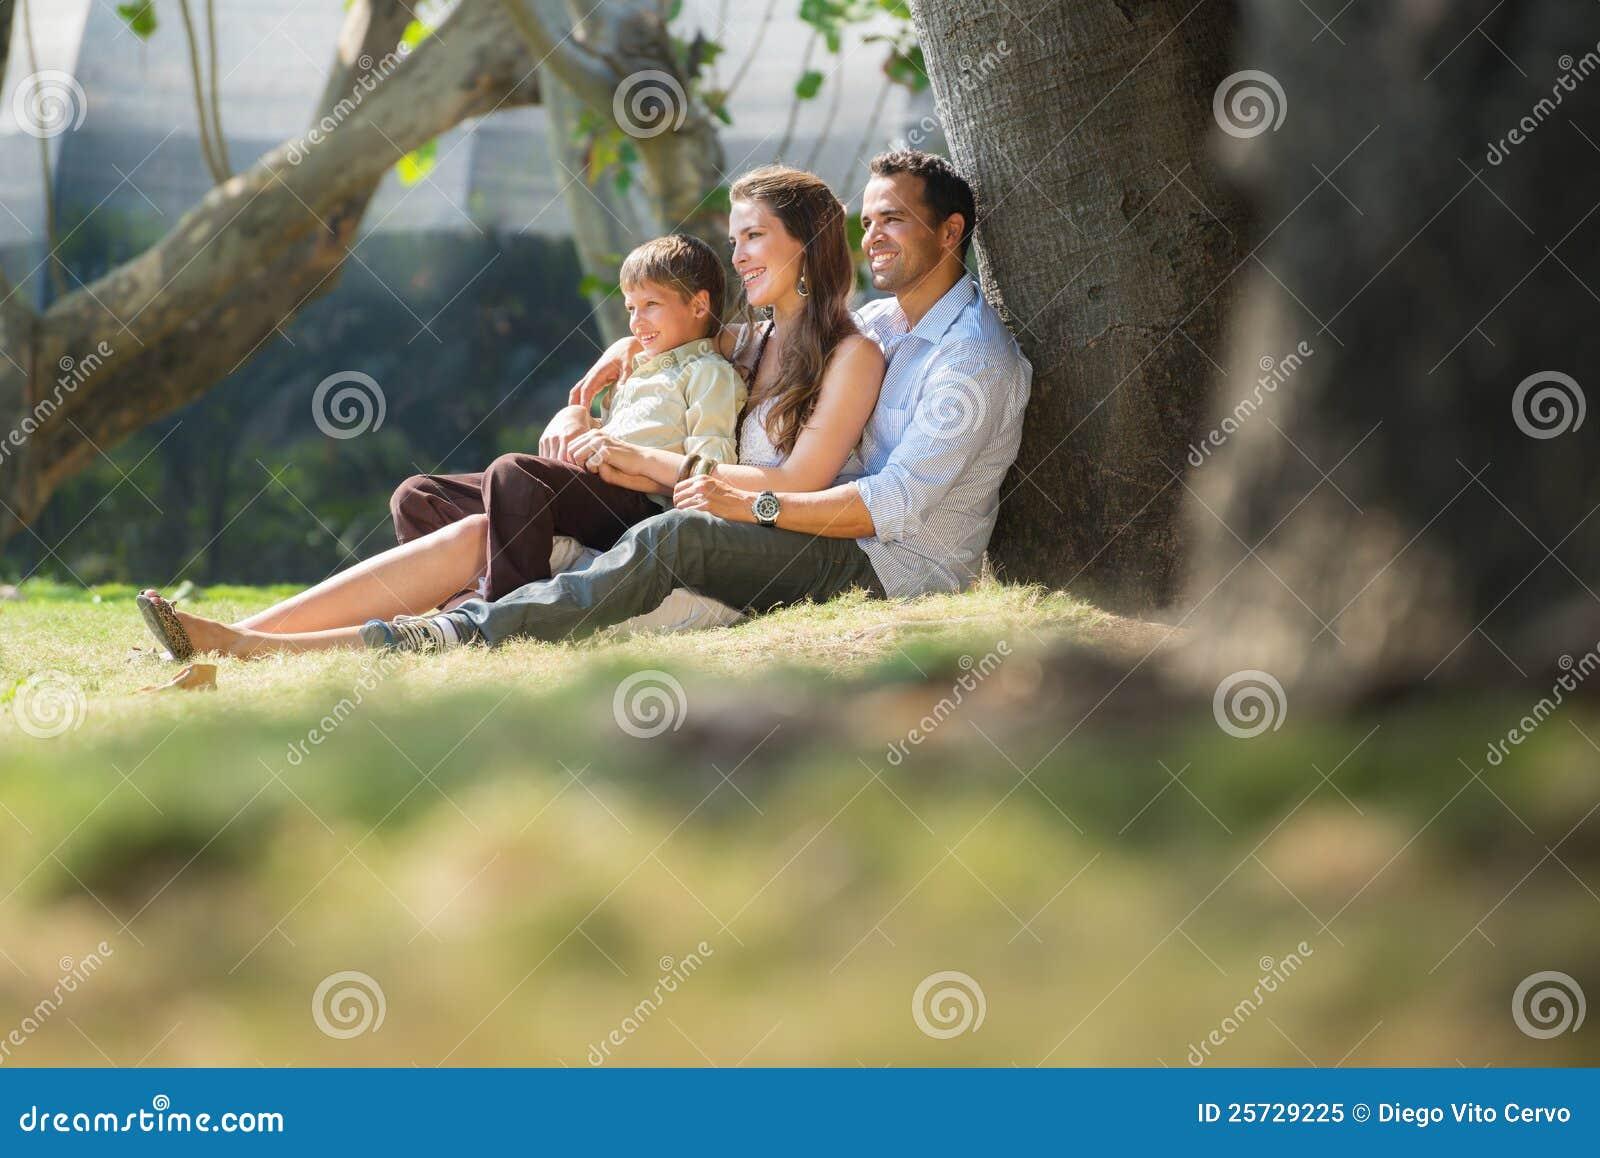 Gelukkige familie in stadstuinen het ontspannen